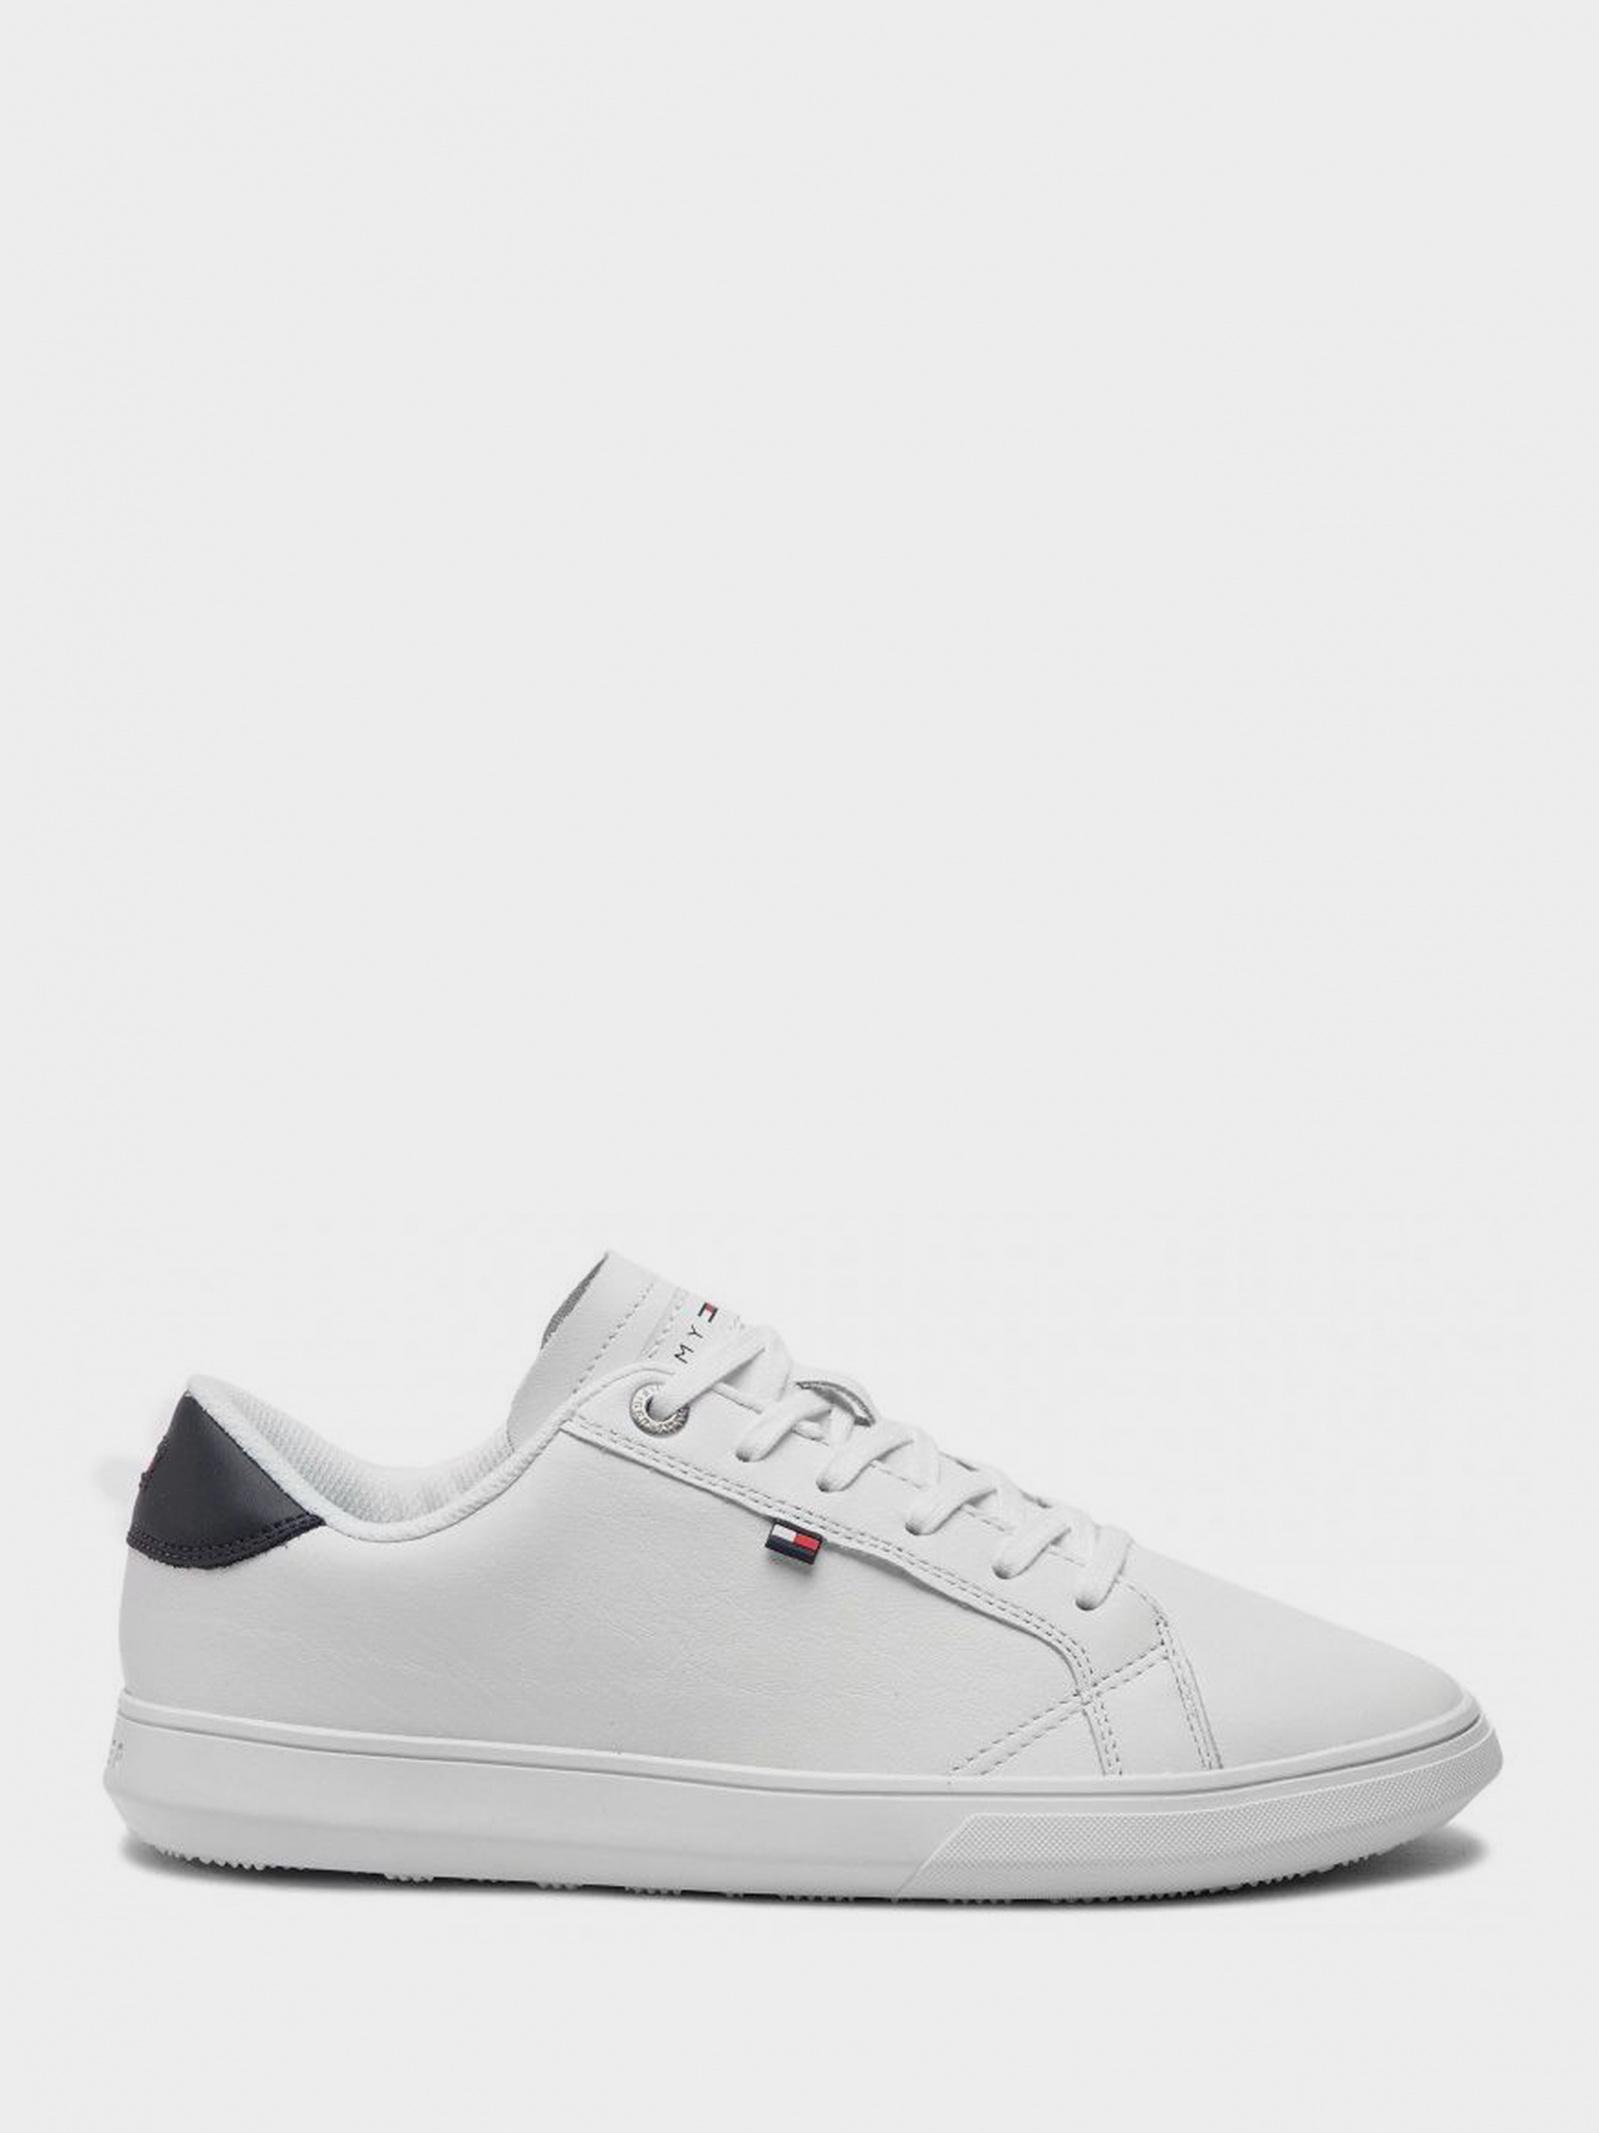 Полуботинки мужские Tommy Hilfiger TE837 купить обувь, 2017